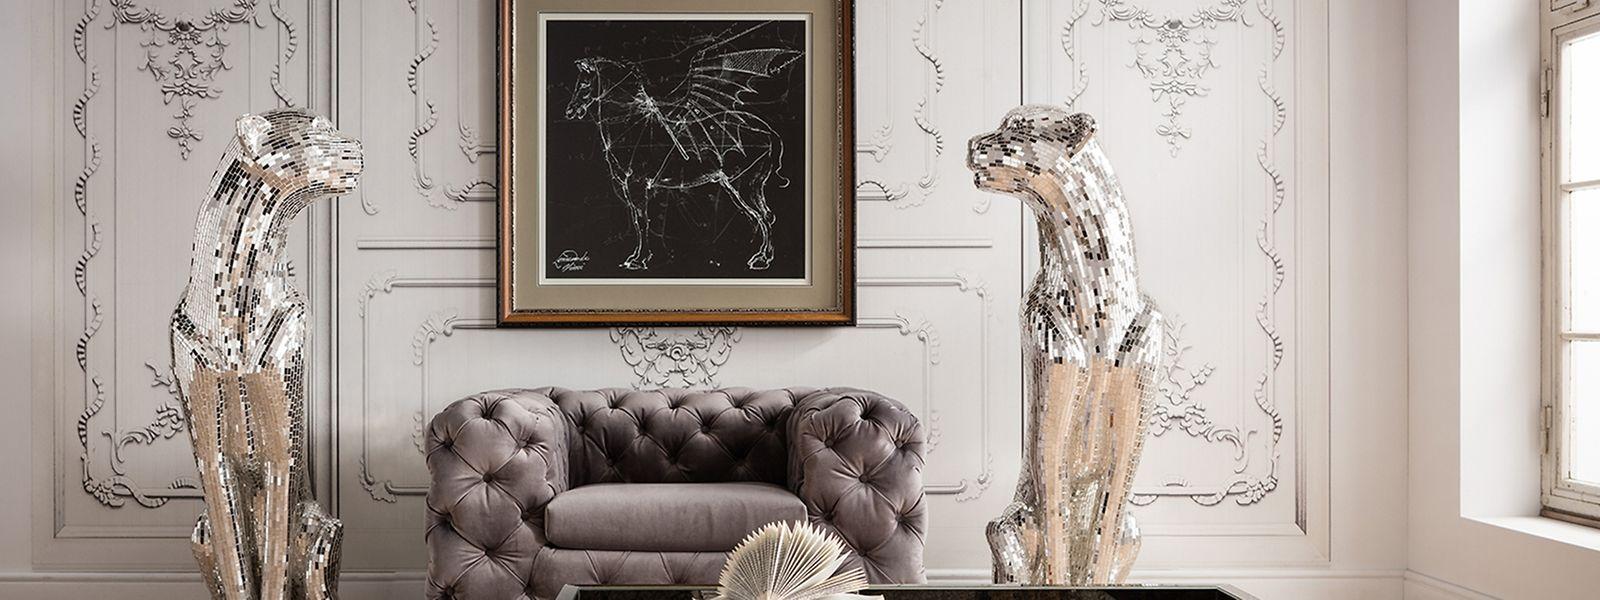 Ein herrlich bequemes Sitzmöbel, dazu etwas Nüchternheit - so finden sich Plüsch und Purismus in einem Raum zusammen. Auch Einrichter Kare setzt für die Möbelmesse IMMCologne auf diesen Stil und benennt ihn «Glamrock».